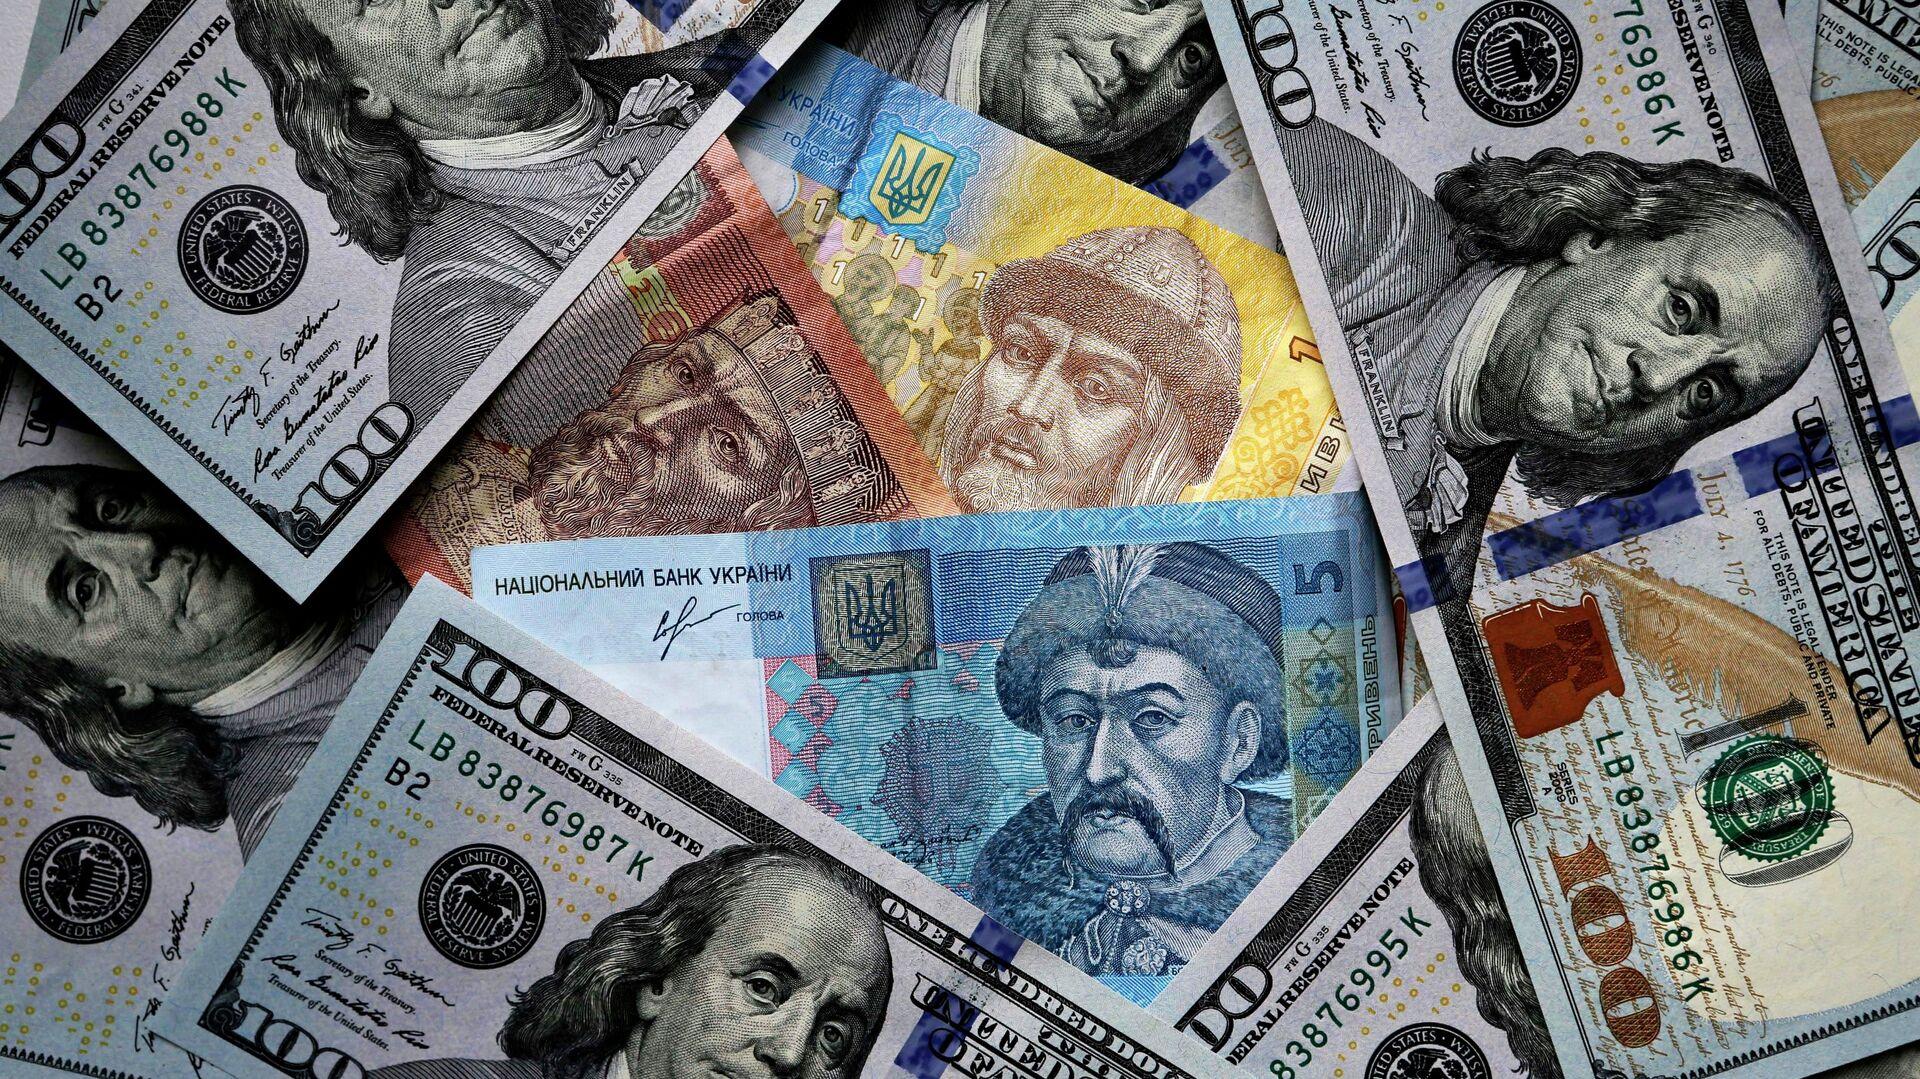 Денежные купюры США и Украины - РИА Новости, 1920, 02.08.2020